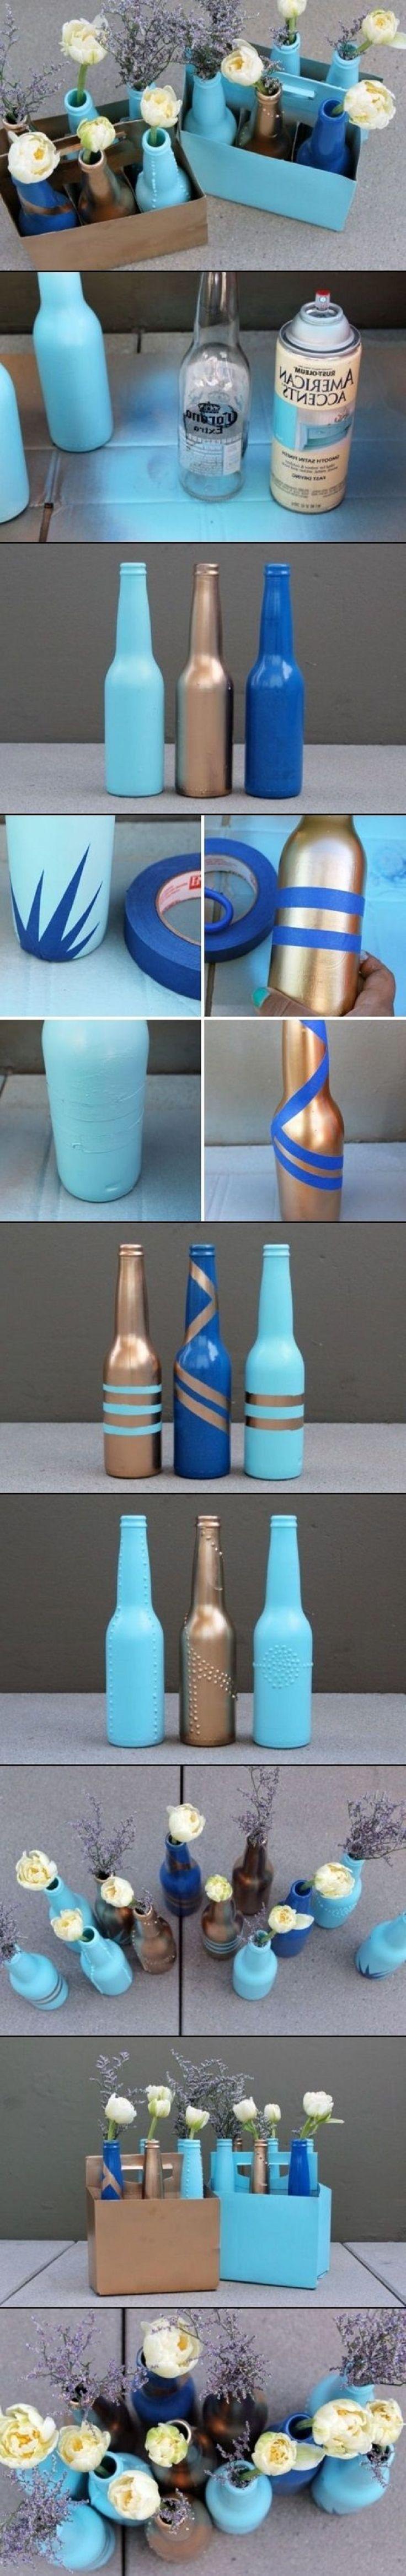 25 unique glass coke bottles ideas on pinterest coke for Glass bottle project ideas